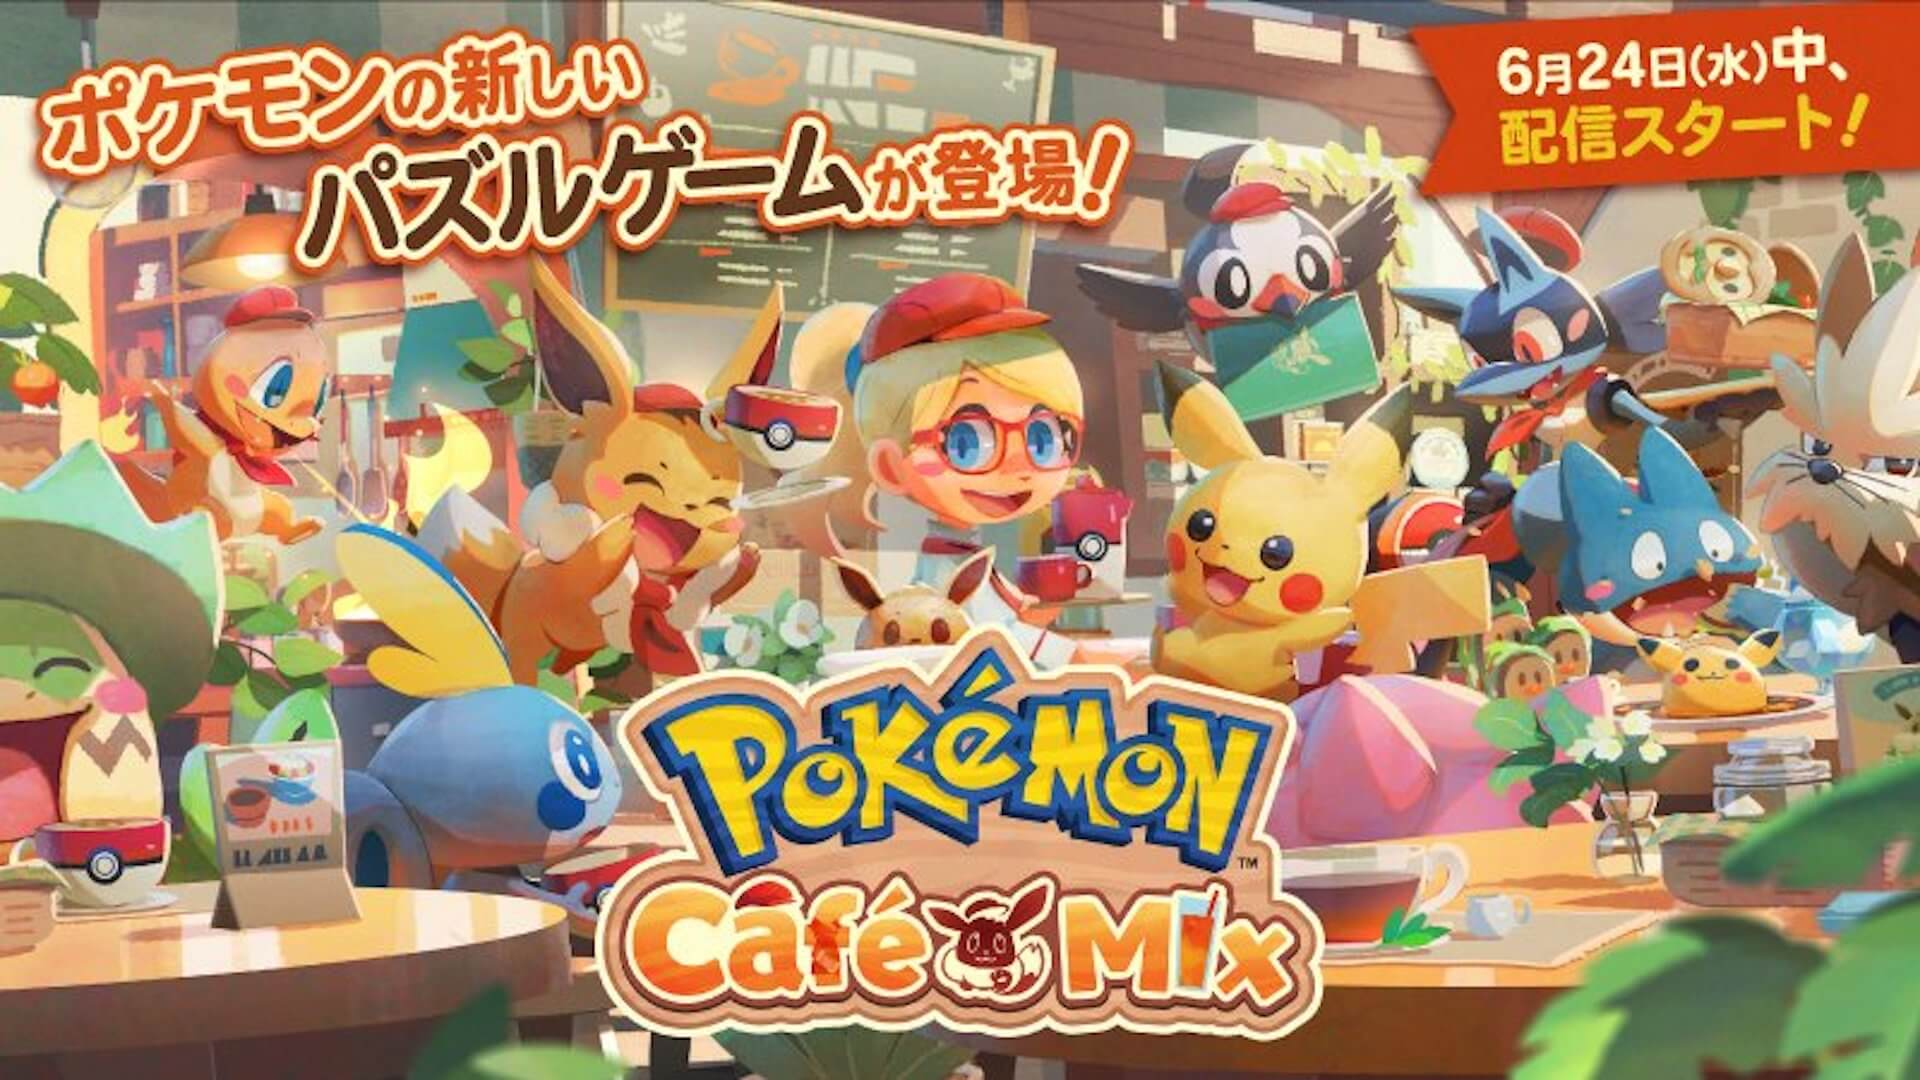 Nintendo Switchの新感覚ゲーム『ポケモンカフェ ミックス』が無料で配信開始!iOS、Androidでもダウンロード可能 tech200624_nintendoswitch_pokemon_1